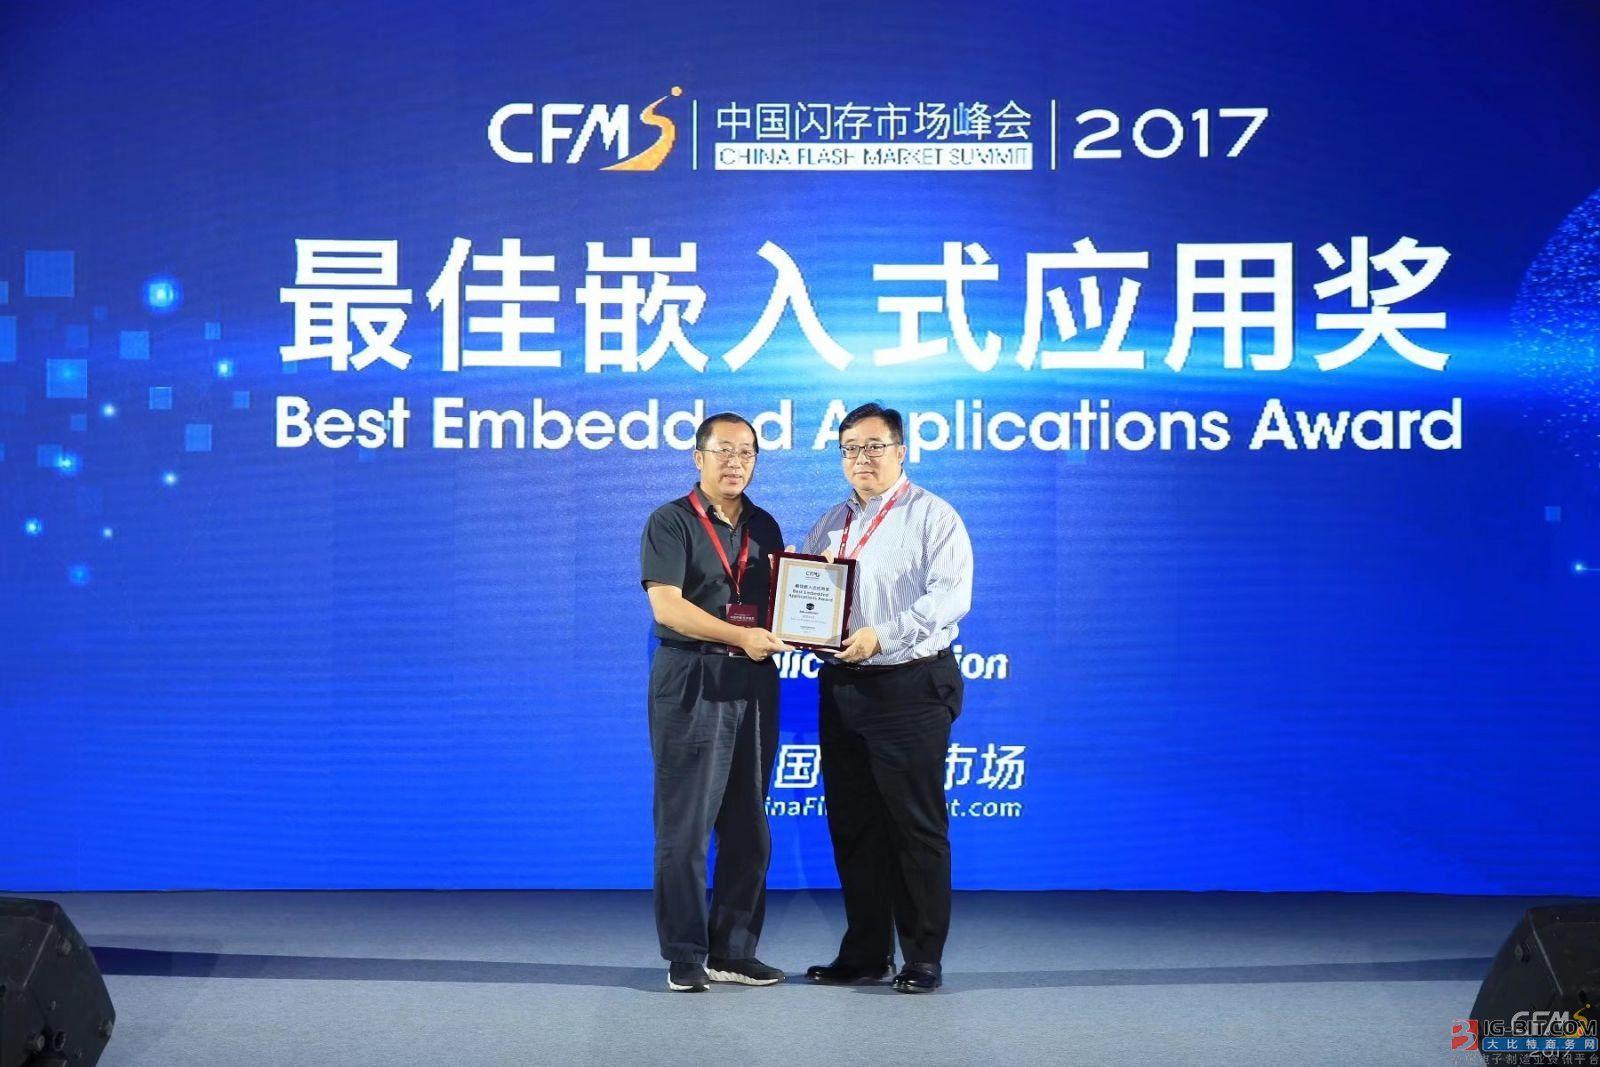 """慧荣科技荣获中国闪存市场峰会""""最佳嵌入式应用奖"""" 扎根中国存储,寻求共赢"""